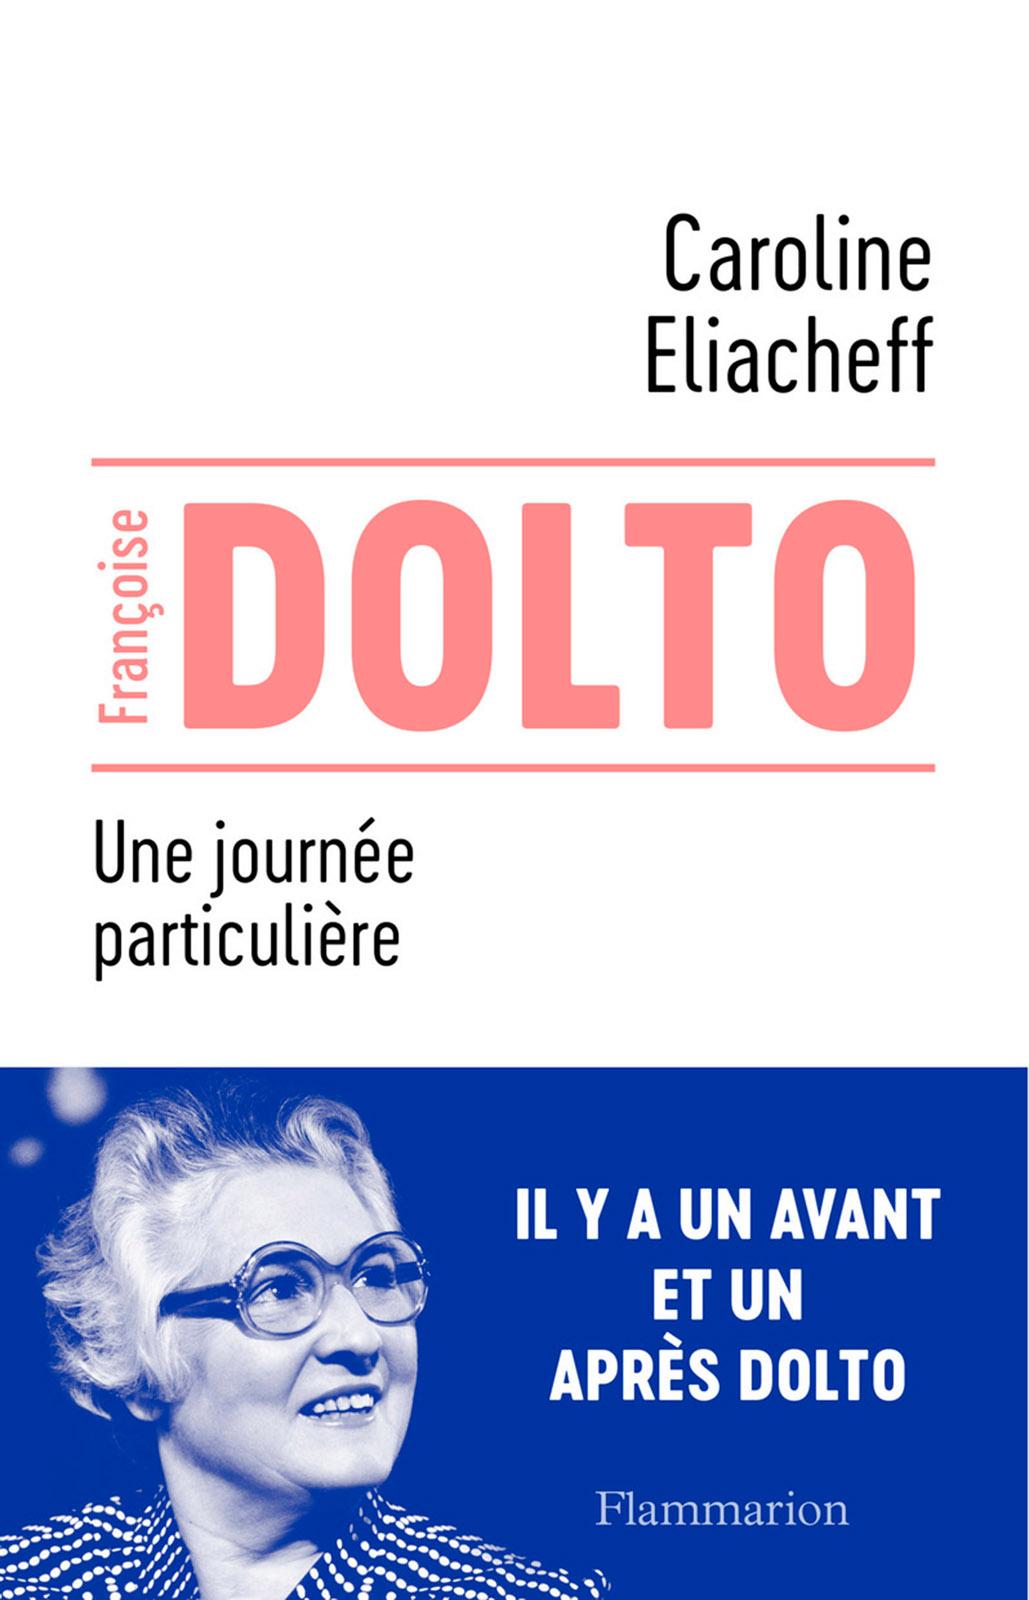 Françoise Dolto - Une journée particulière | Eliacheff, Caroline